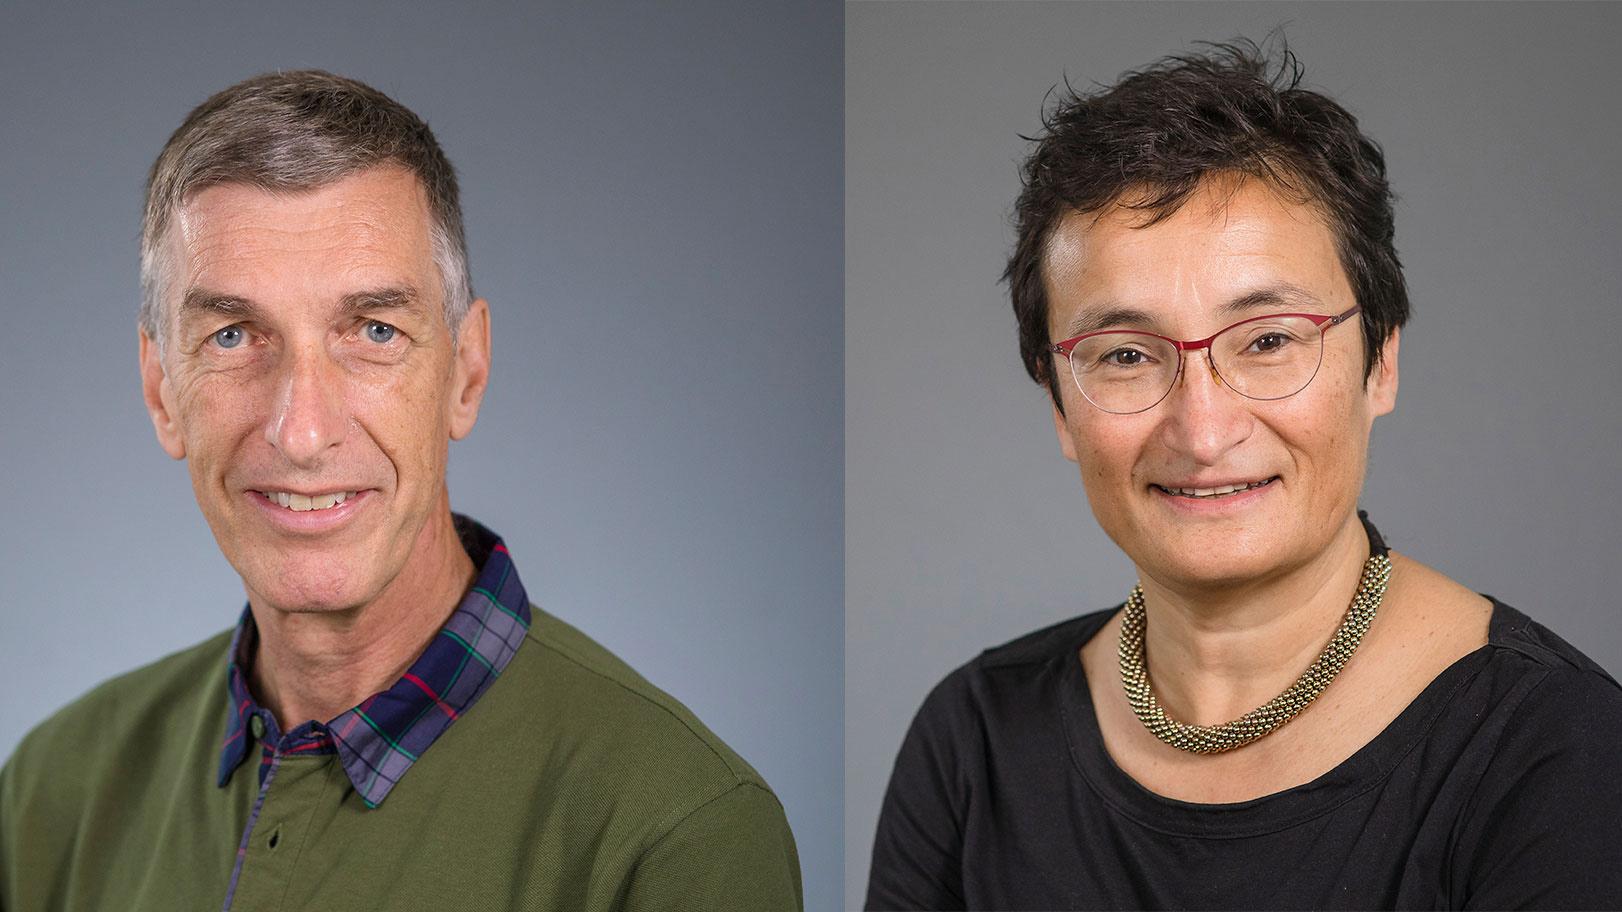 Frank Dignum och Virginia Dignum, professors vid Umeå universitet, får internationellt pris för bästa artikel.